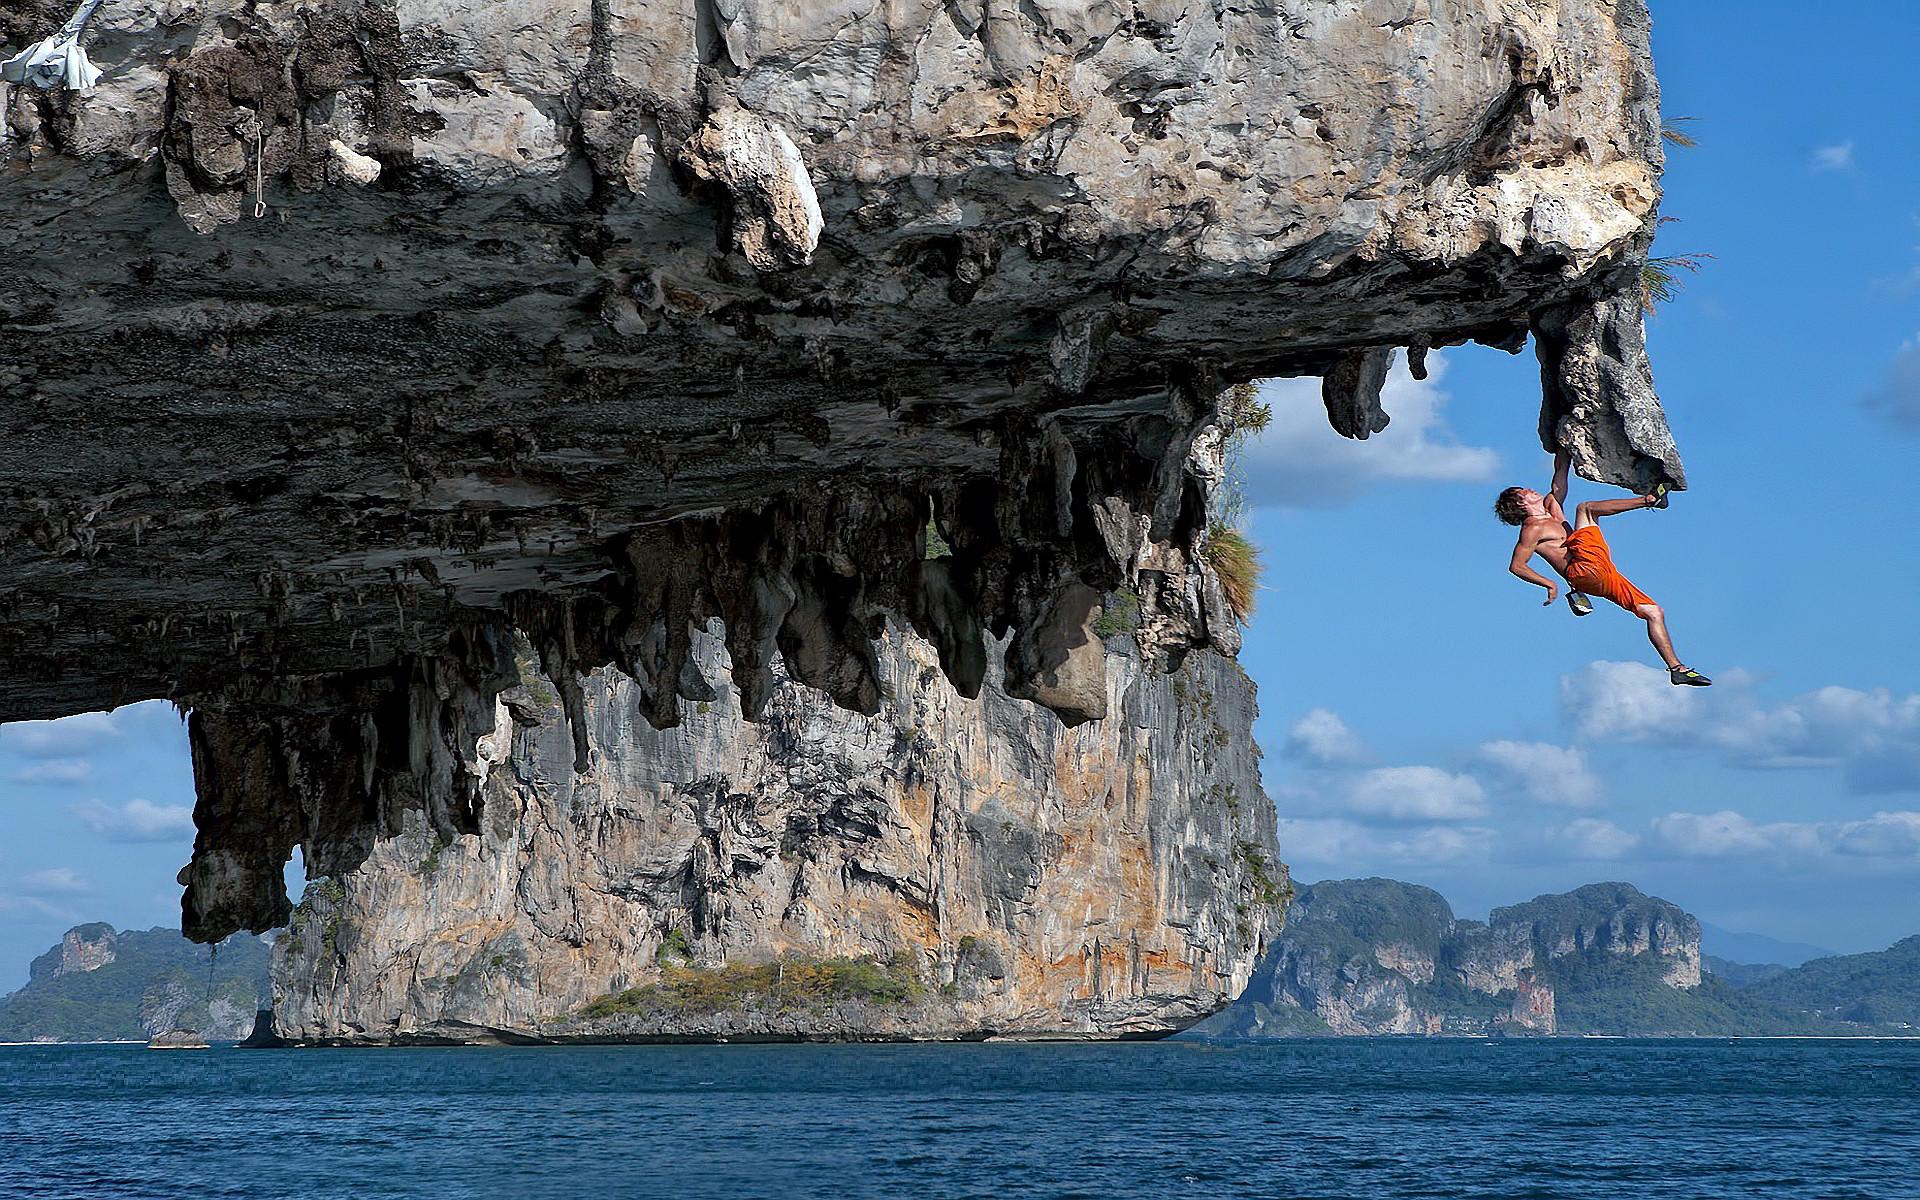 Climbing over Sea